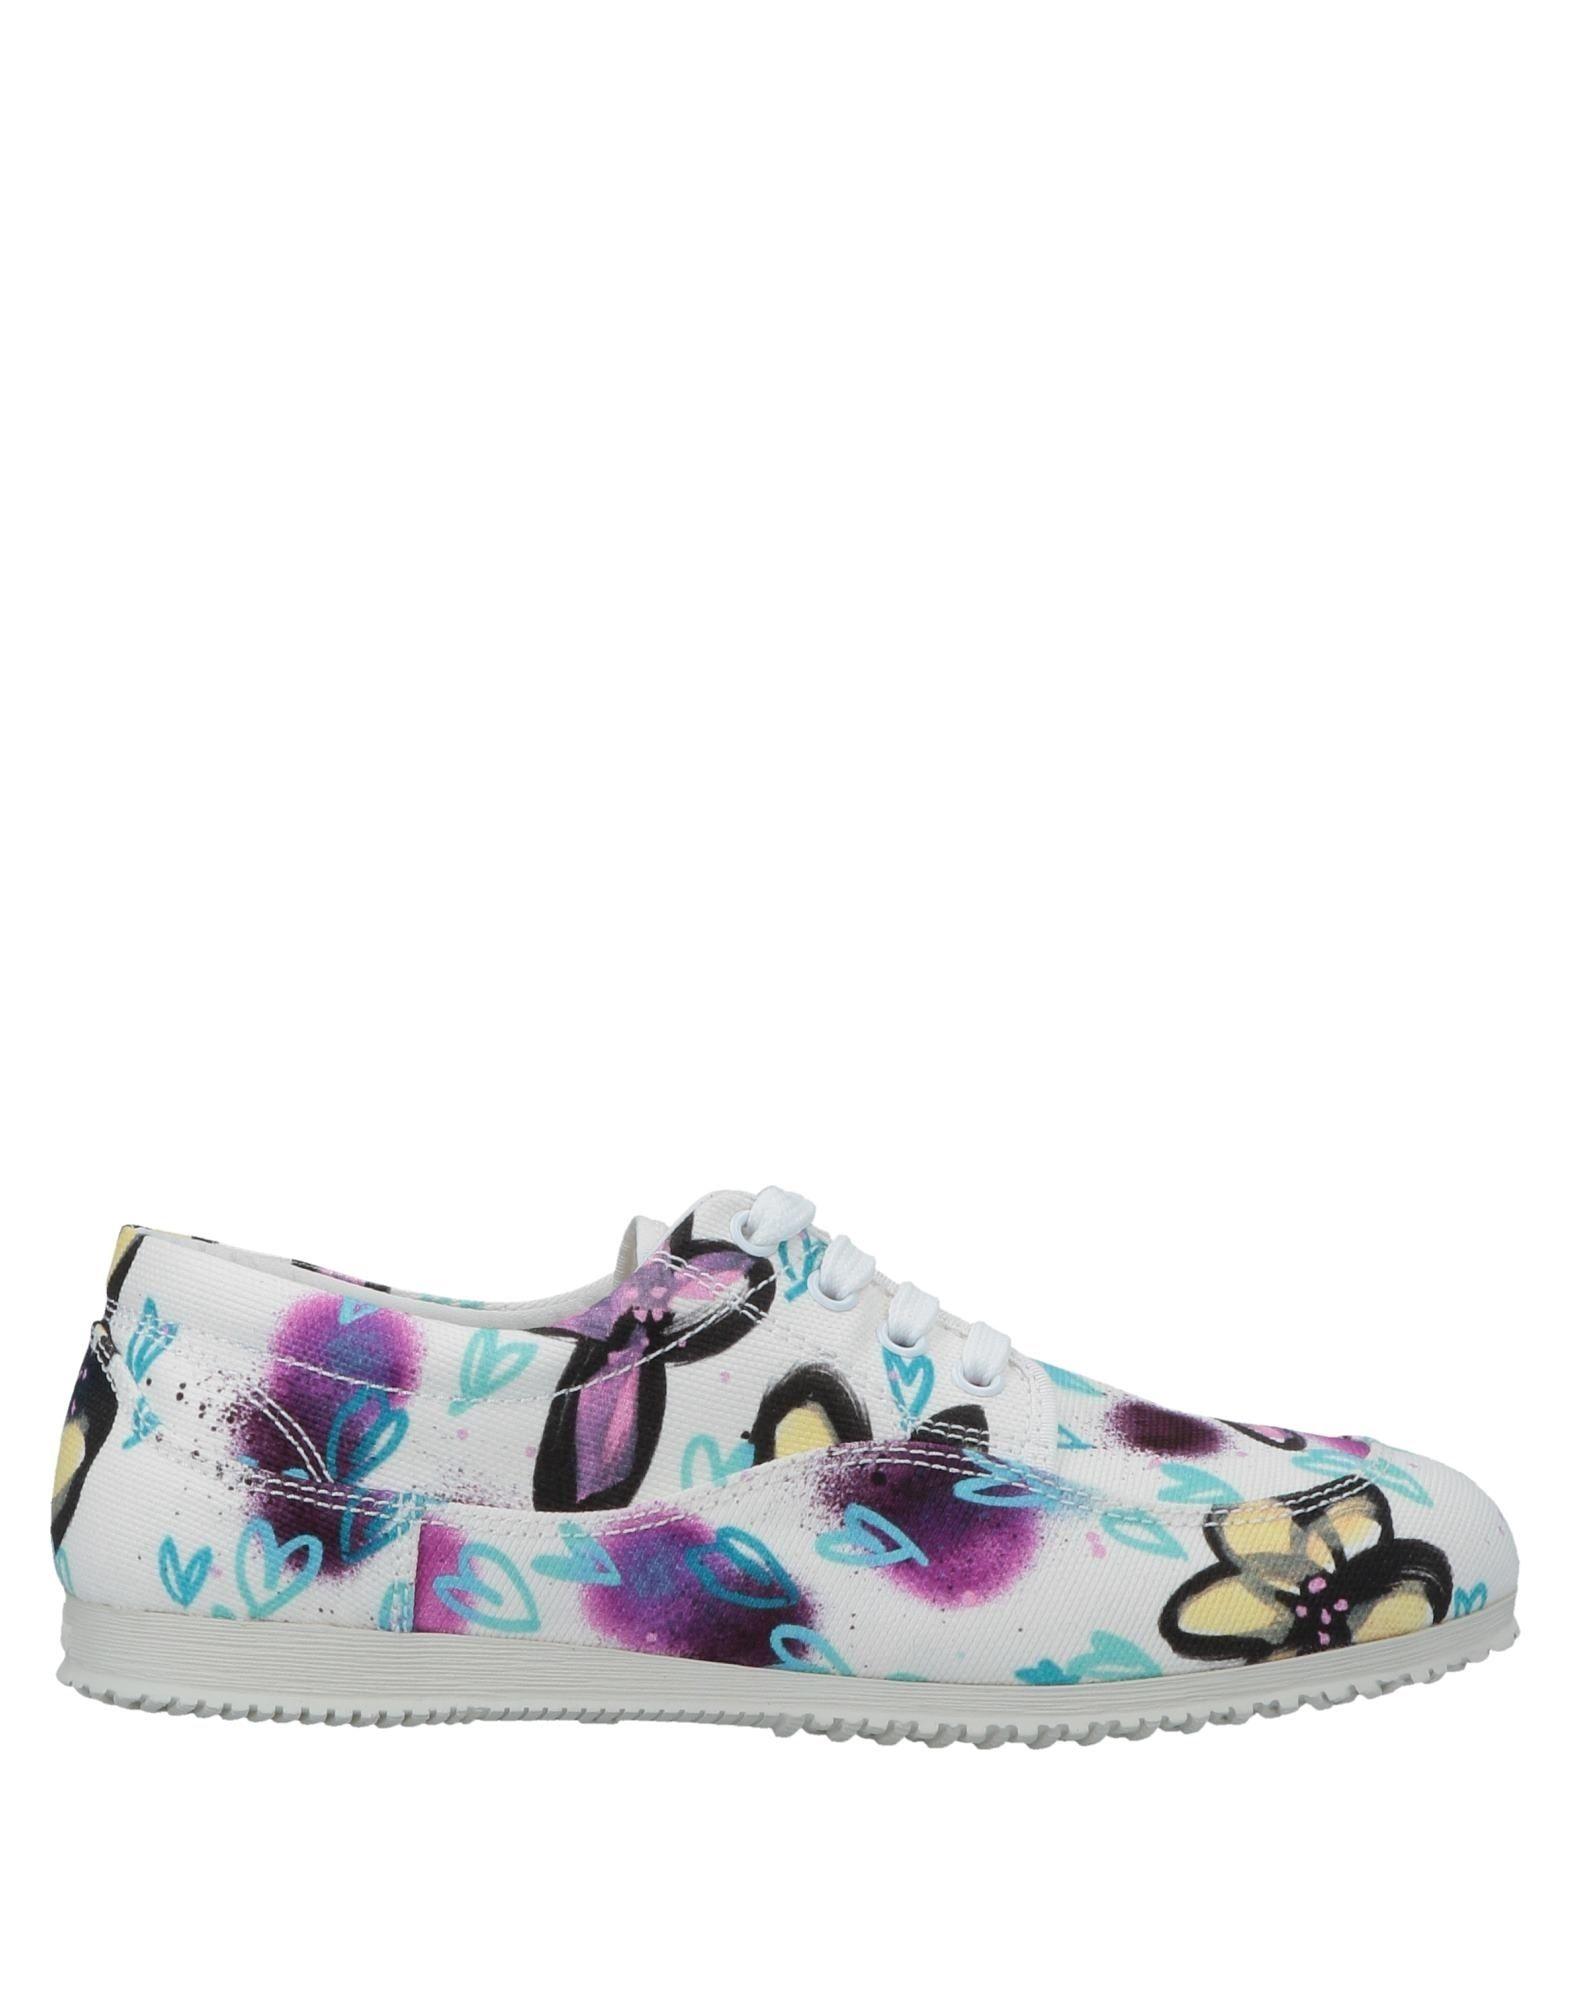 Zapatillas Blanco Hogan Mujer - Zapatillas Hogan  Blanco Zapatillas 444fac